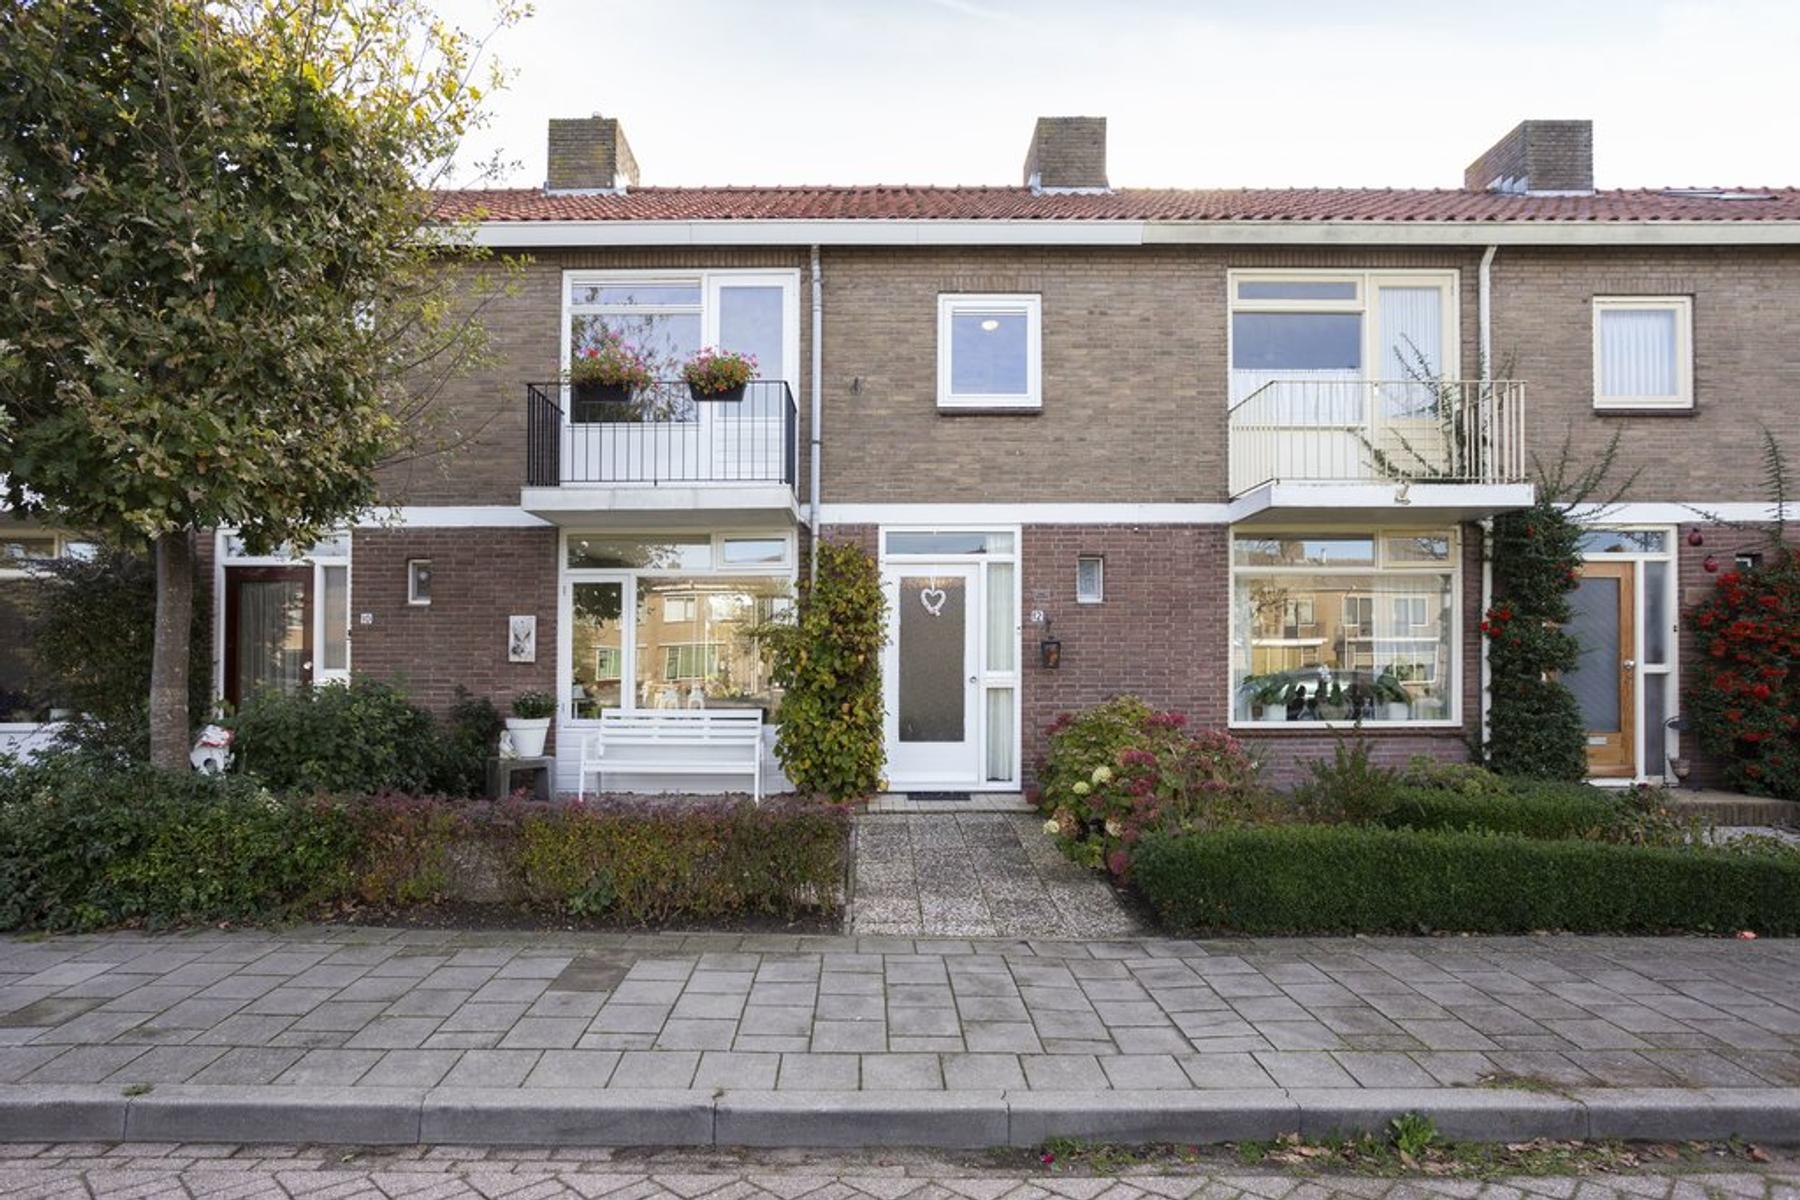 Pleviersingel 12 in Kampen 8262 AR